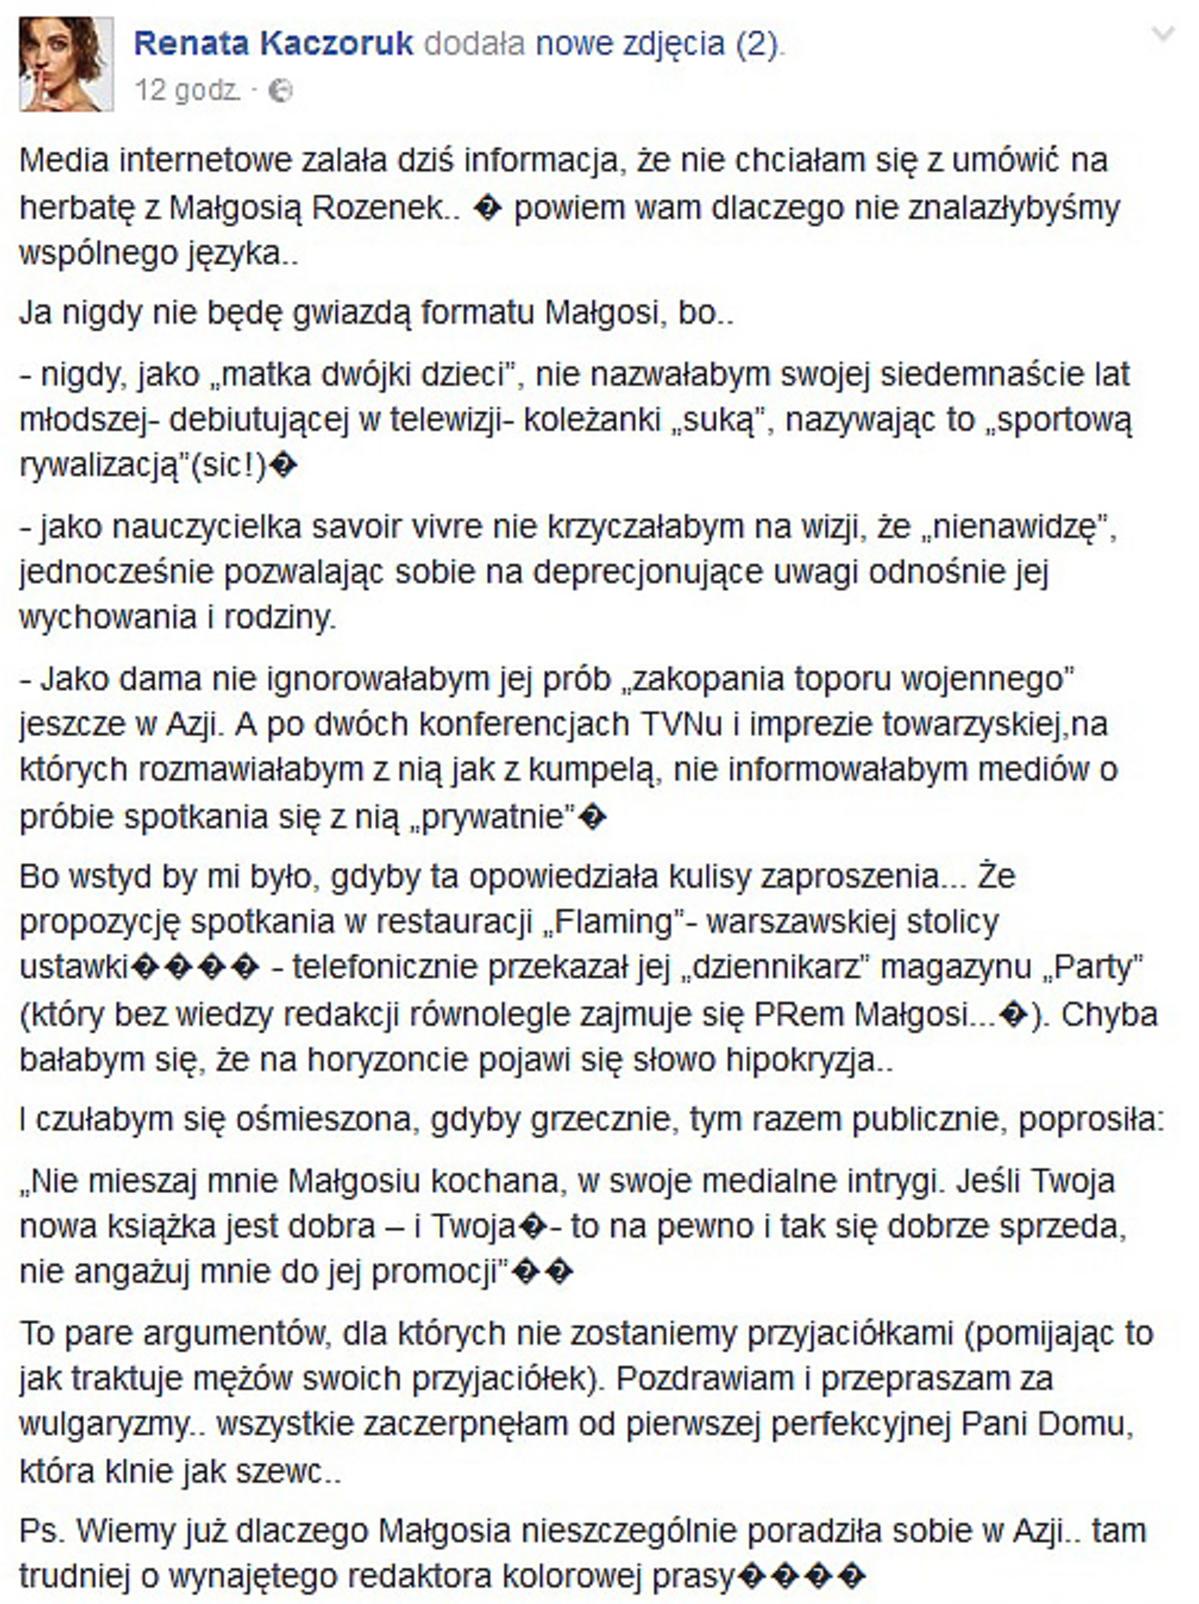 Renata Kaczoruk odpowiedziała Małgorzacie Rozenek-Majdan